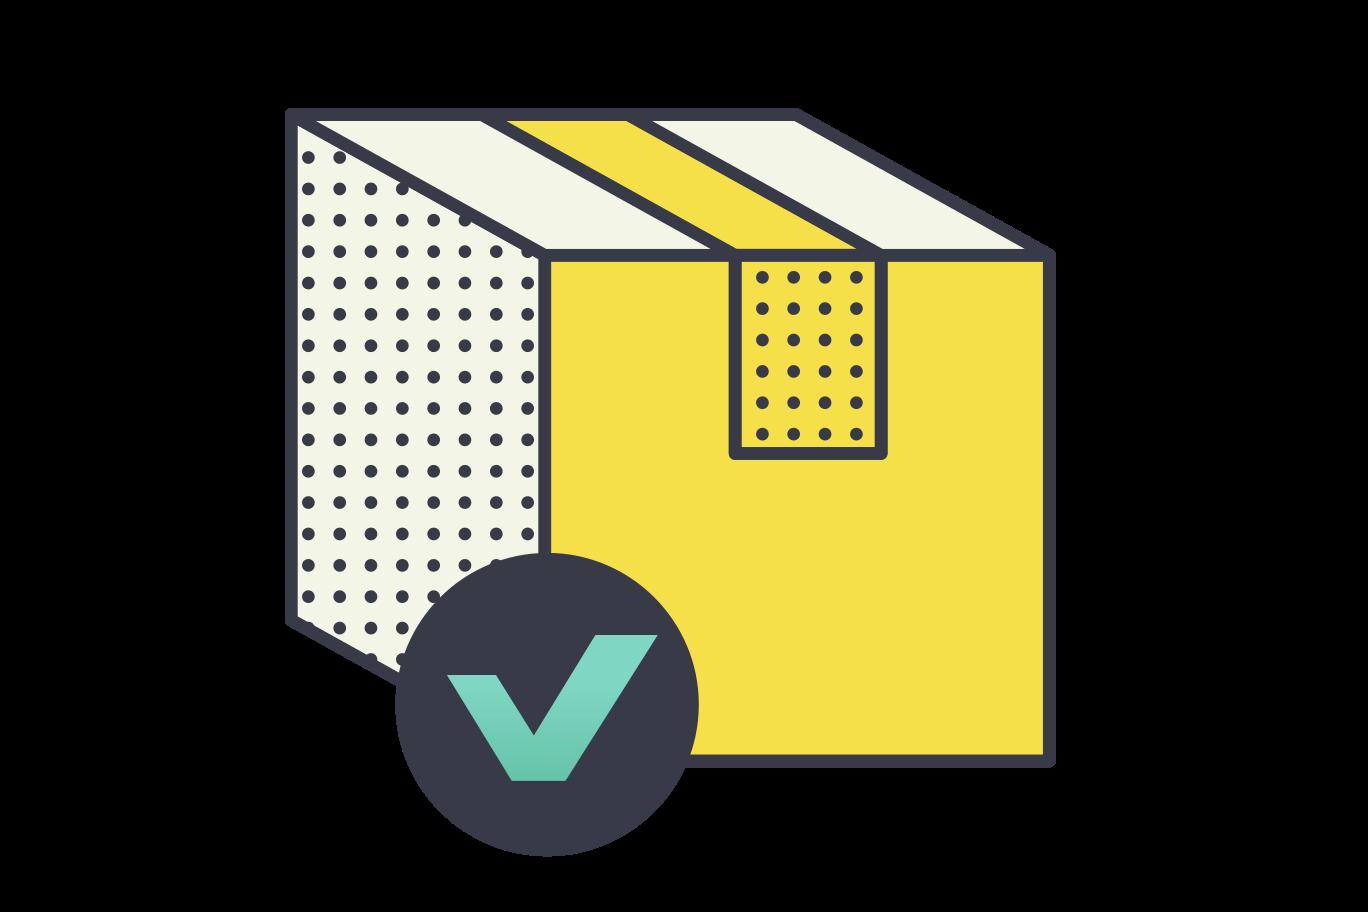 Package delivered Clipart illustration in PNG, SVG